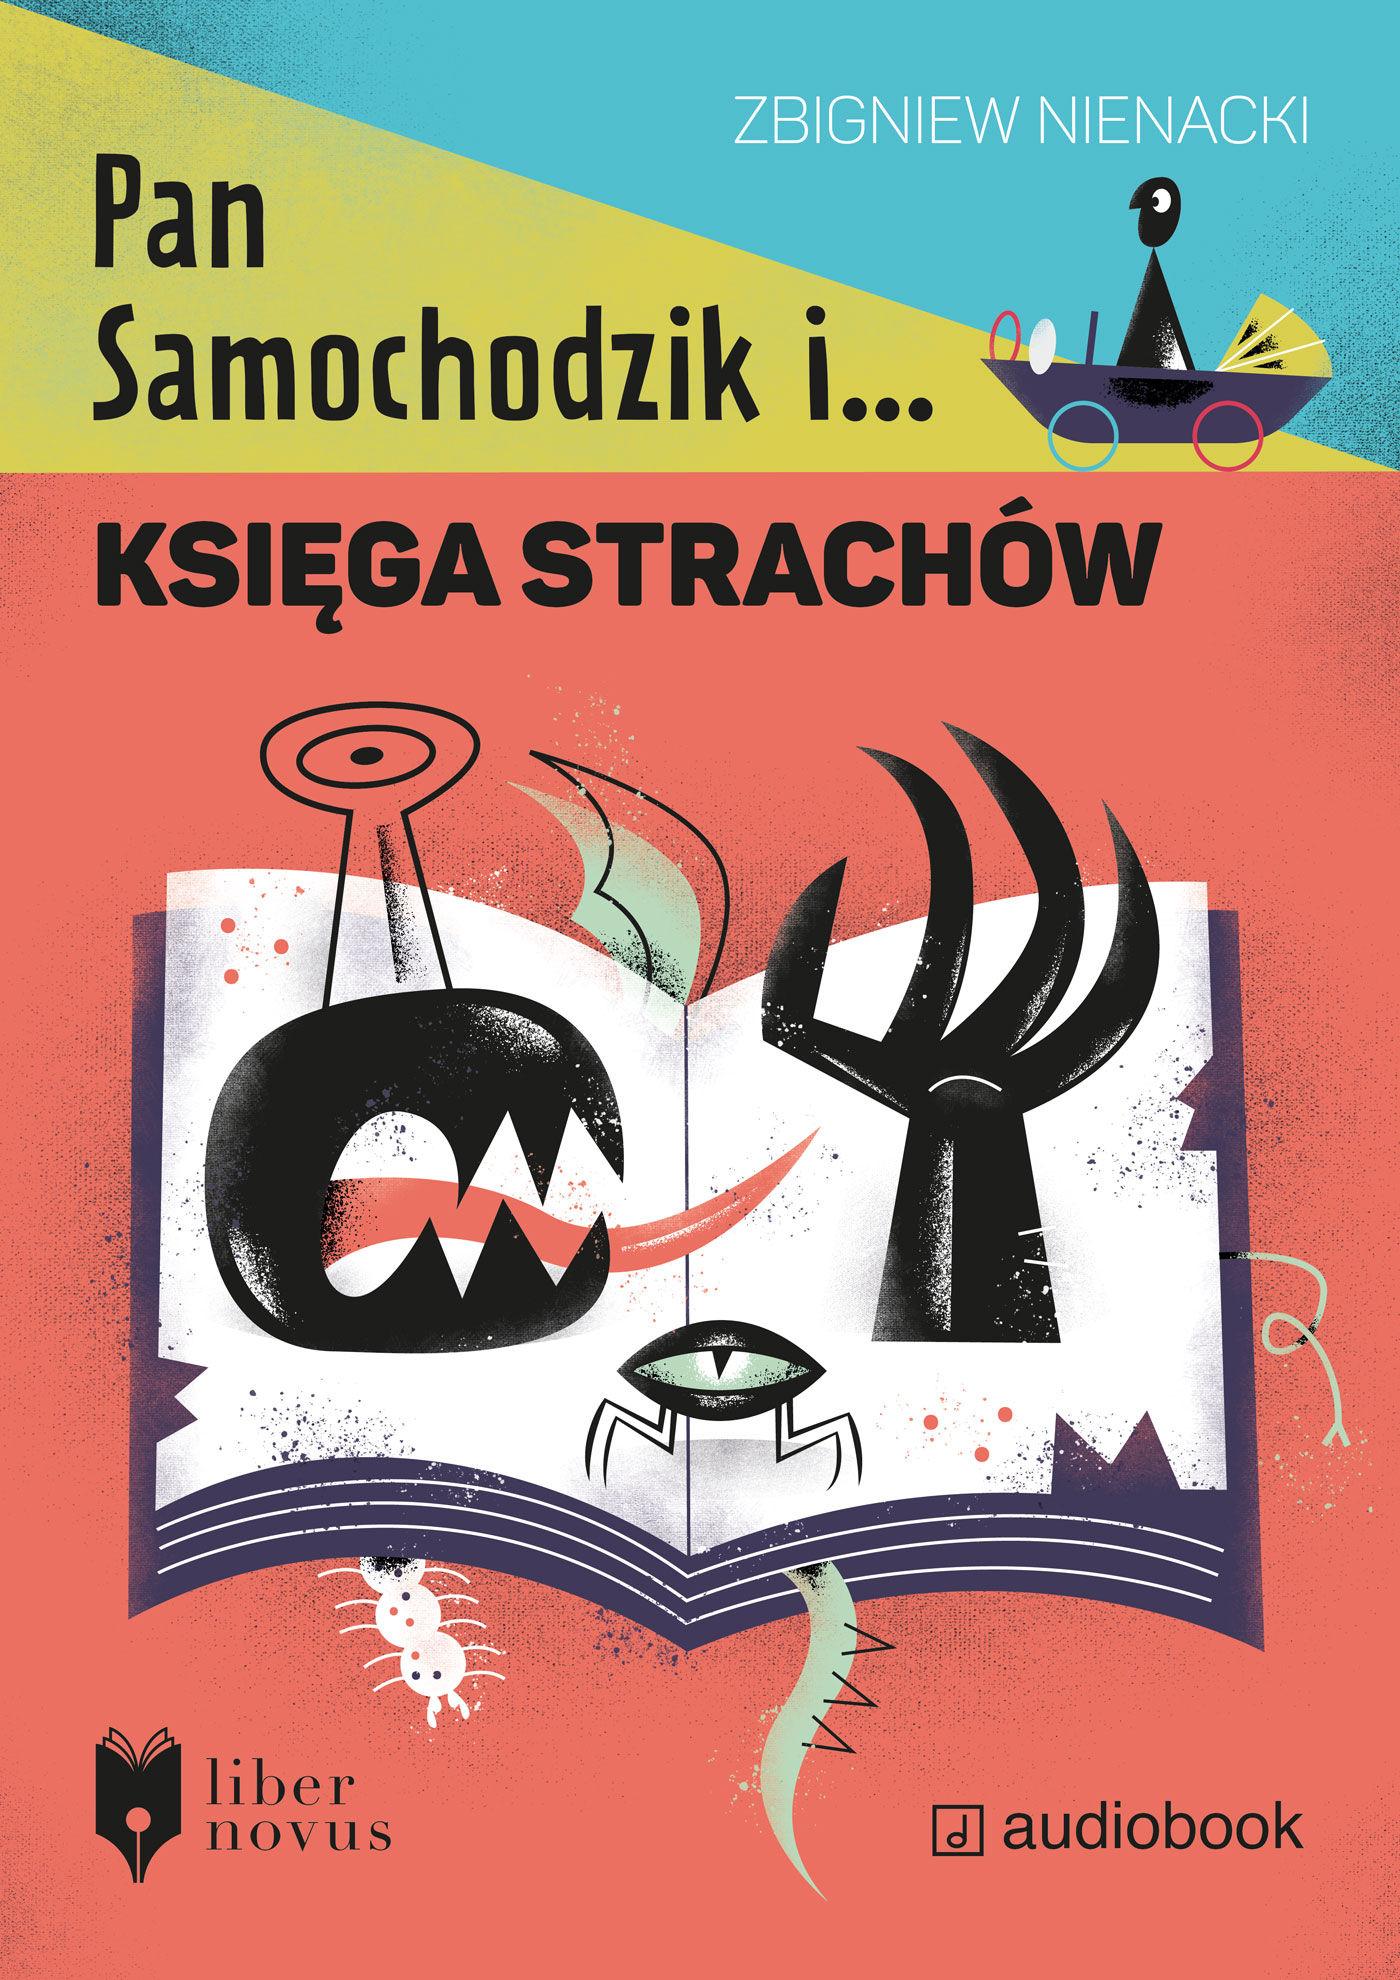 Pan Samochodzik i Księga strachów - Zbigniew Nienacki - audiobook